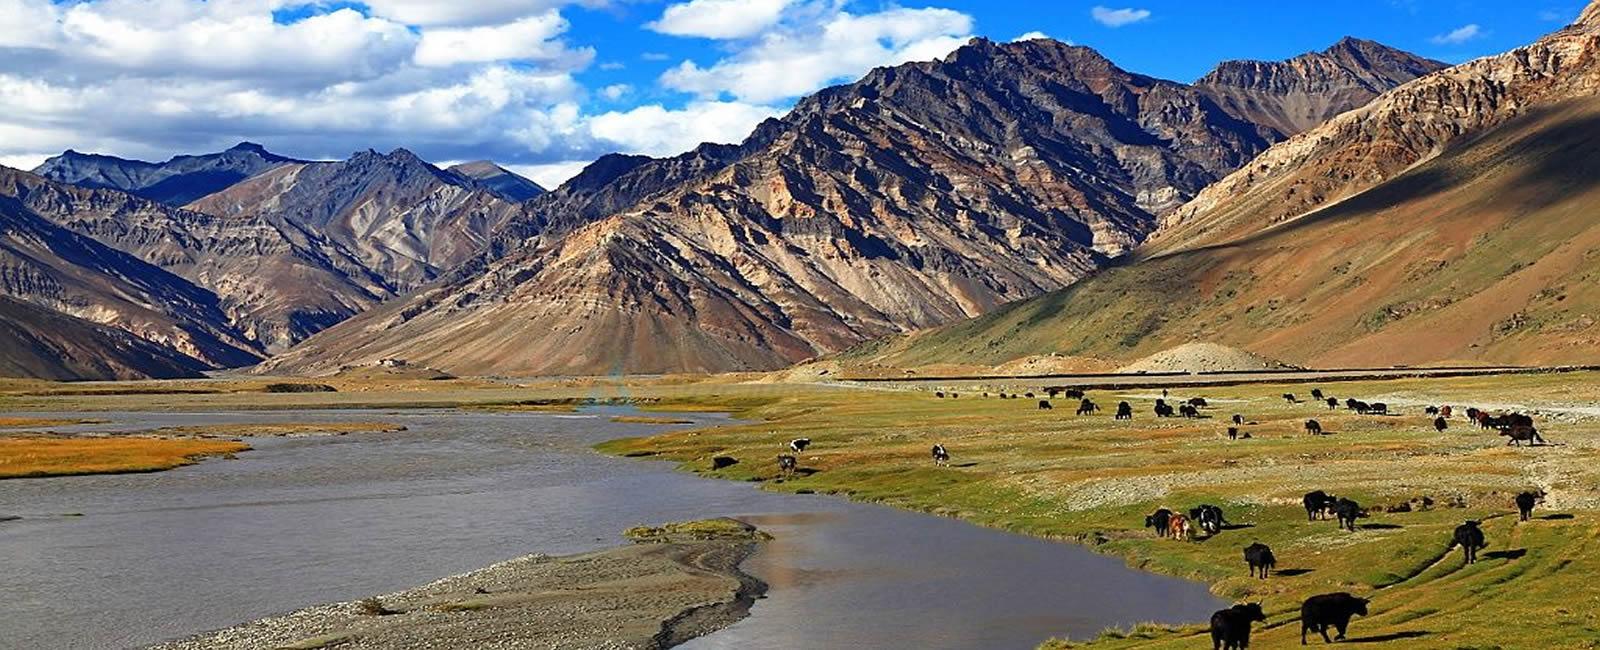 Zanskar Valley Trek